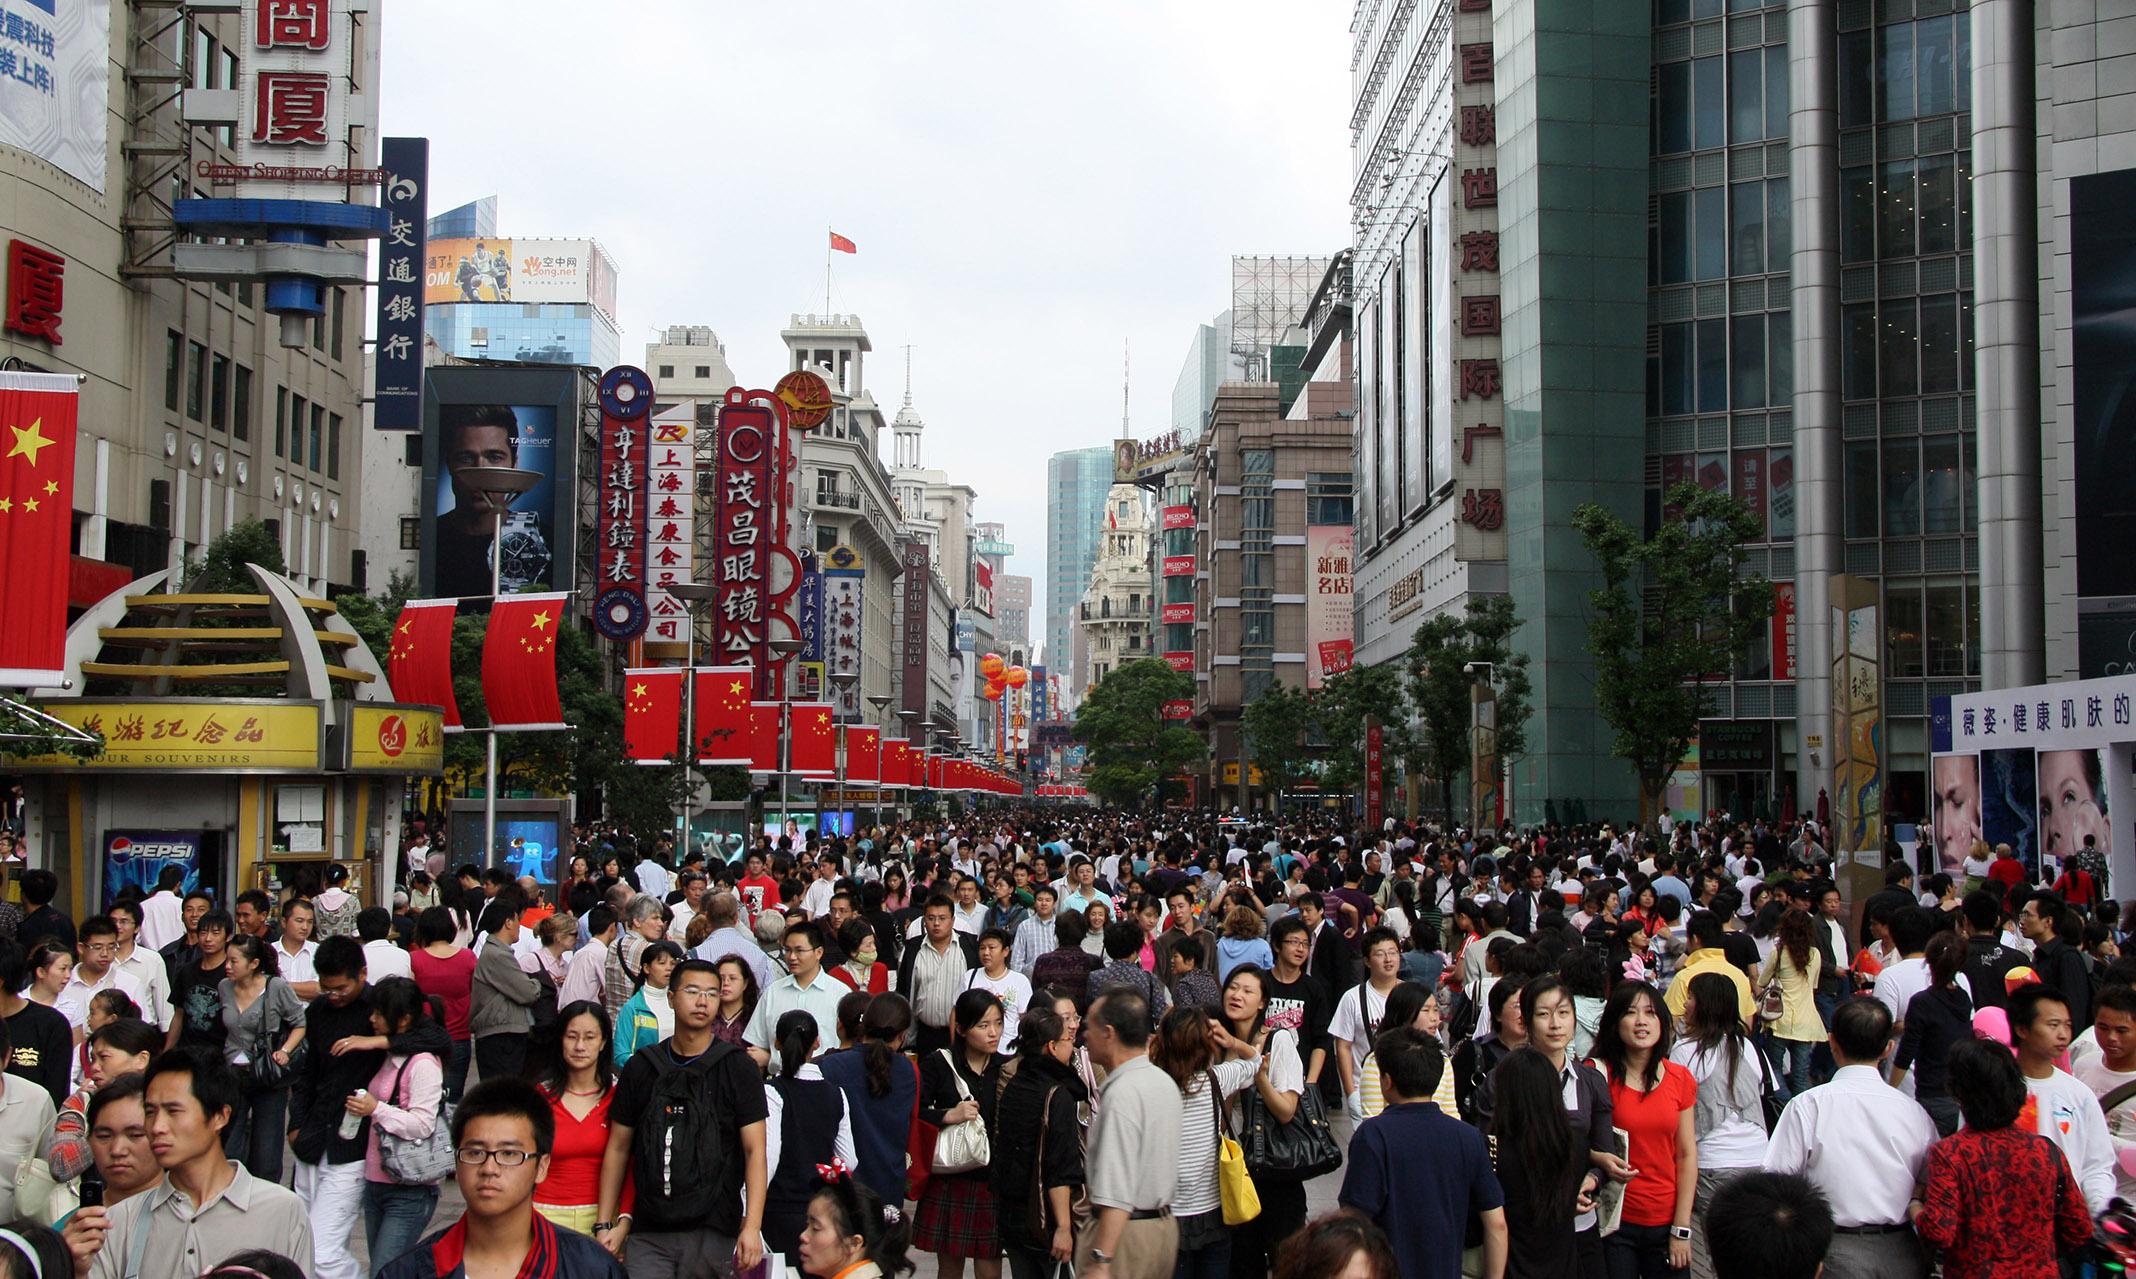 Nanjing Road in Shangai (Shopping Street)